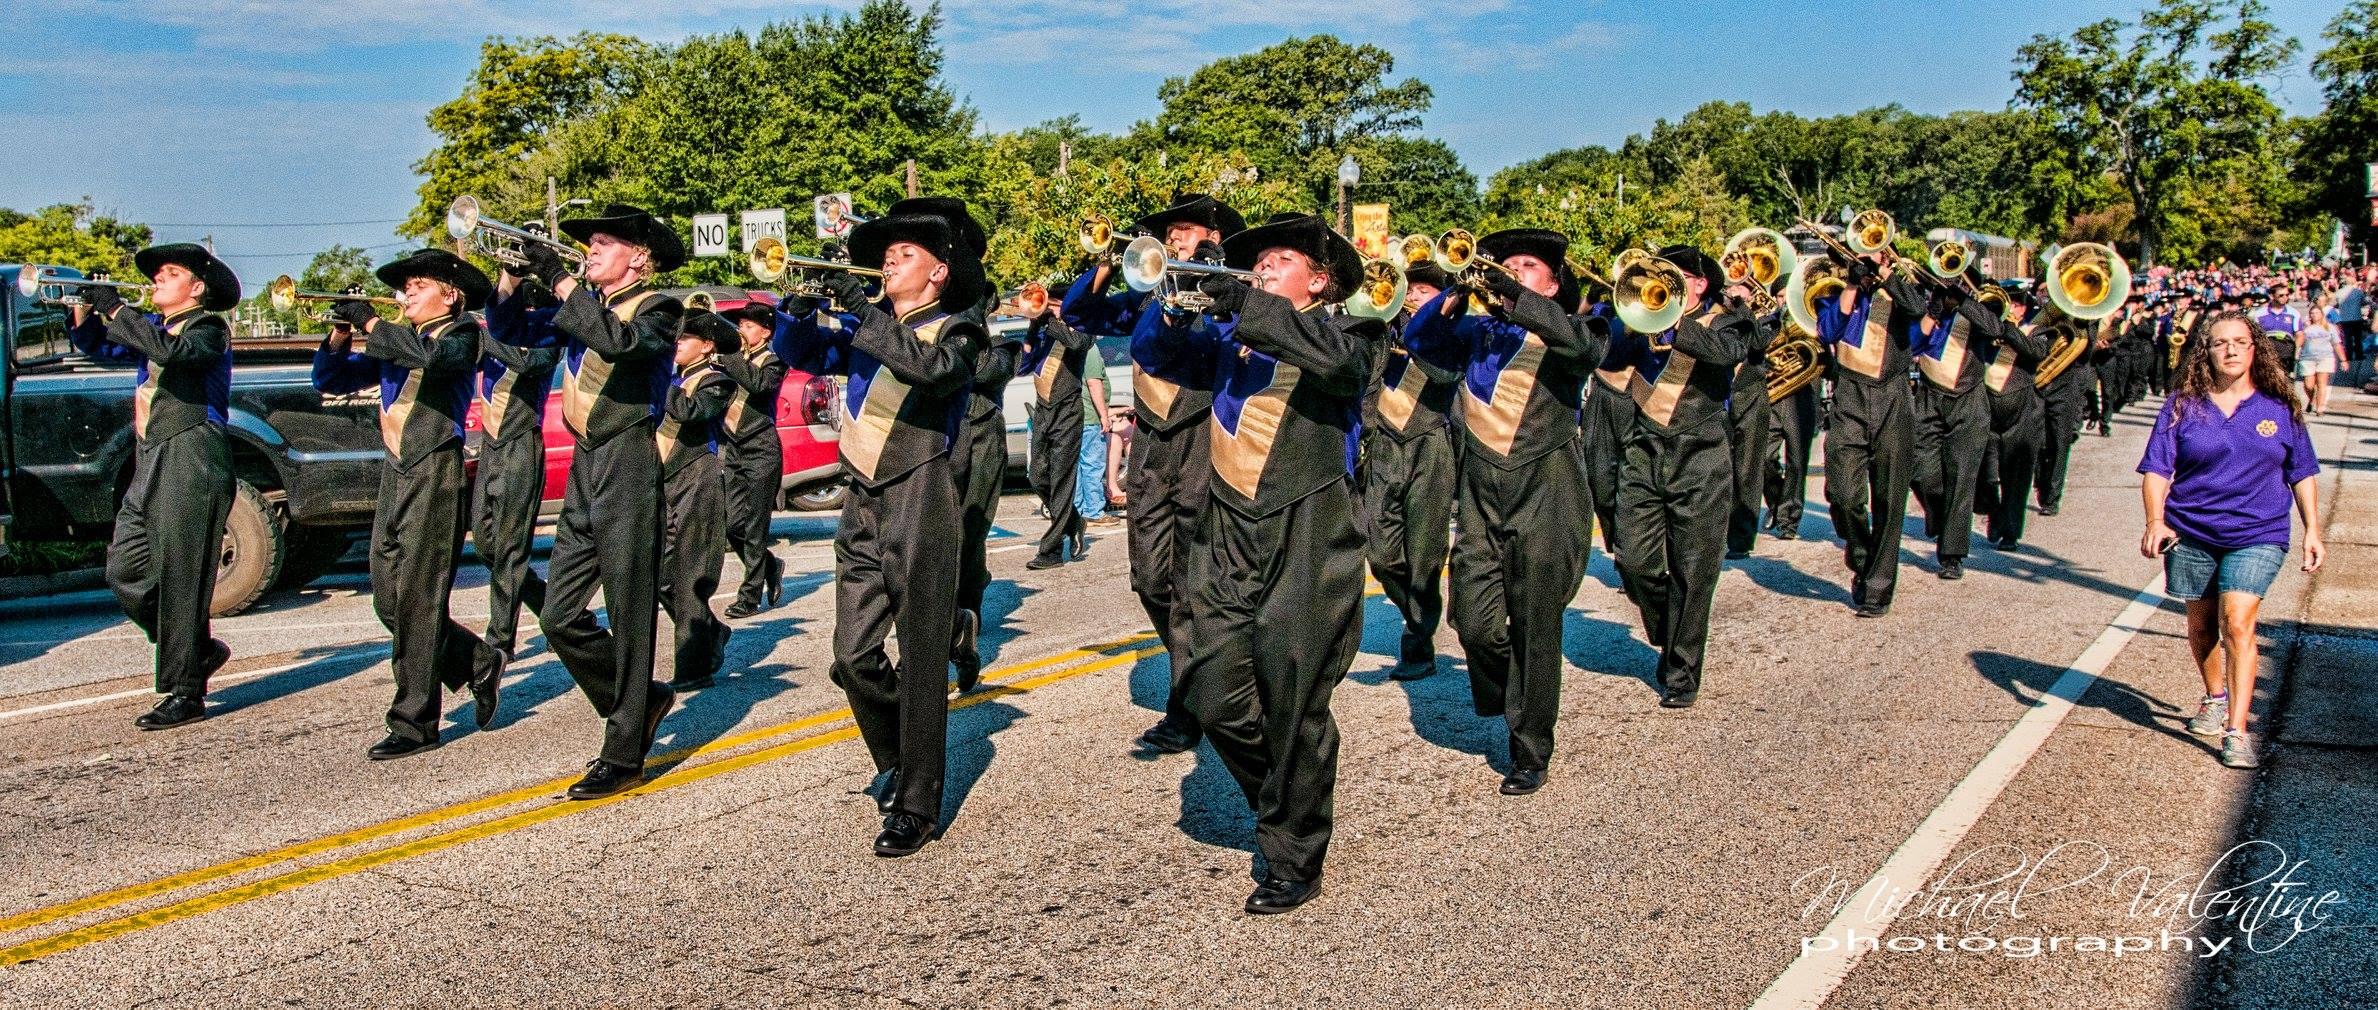 Gold Rush Parade